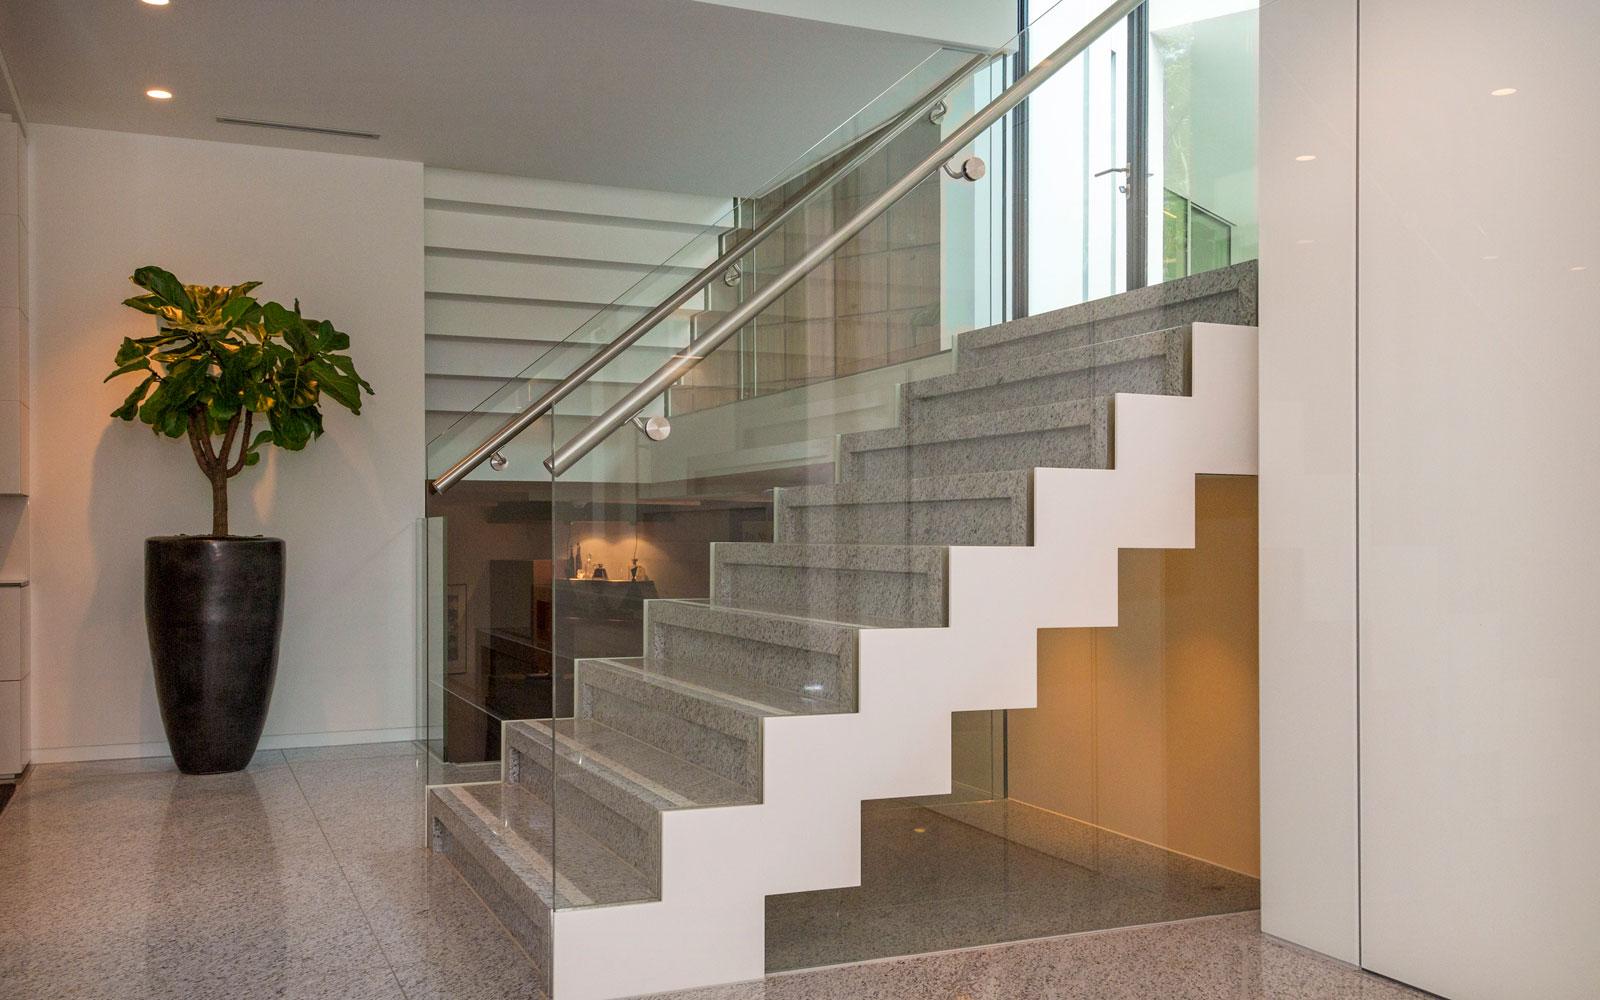 Trap, Bone Interieurwerken, glazen balustrade, split-level, minimalistische villa, VLCS Architecten